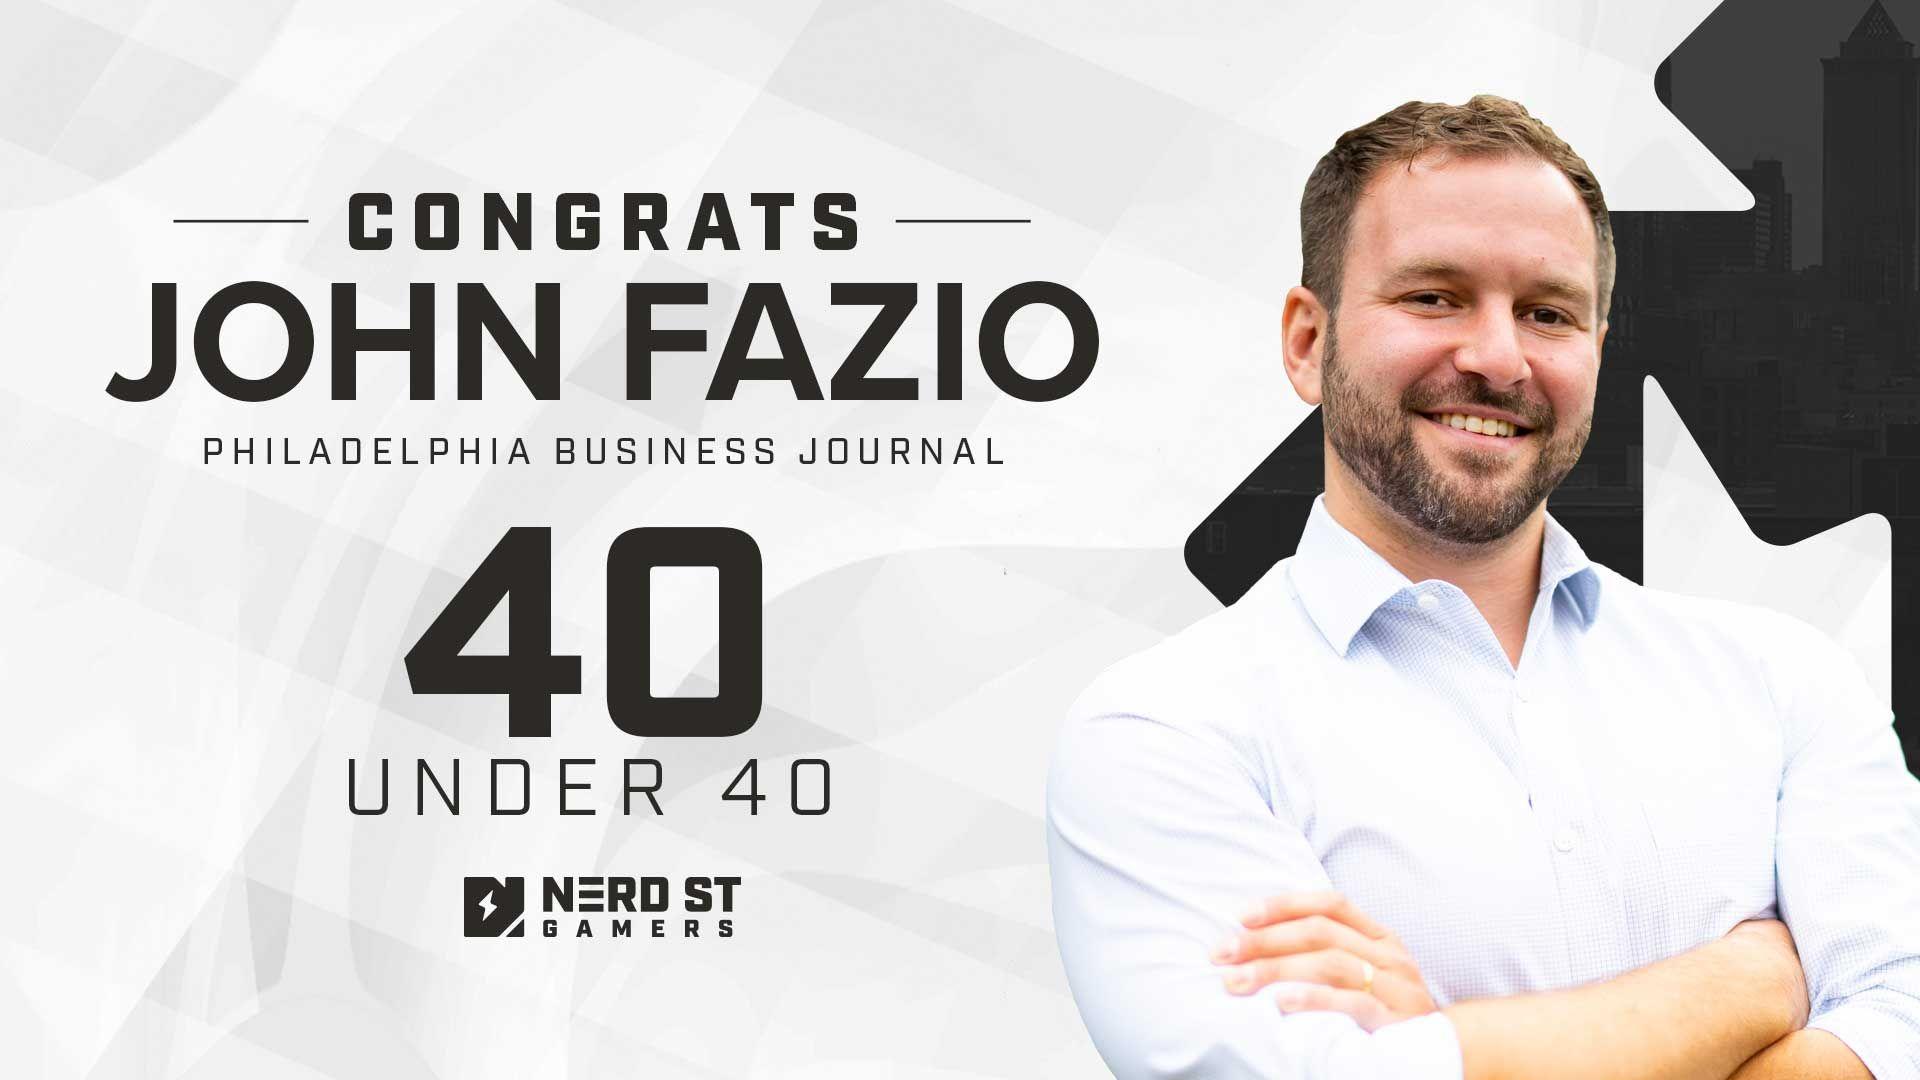 Nerd Street Gamers' Founder John Fazio Named To Philadelphia Business Journal '40 Under 40' List